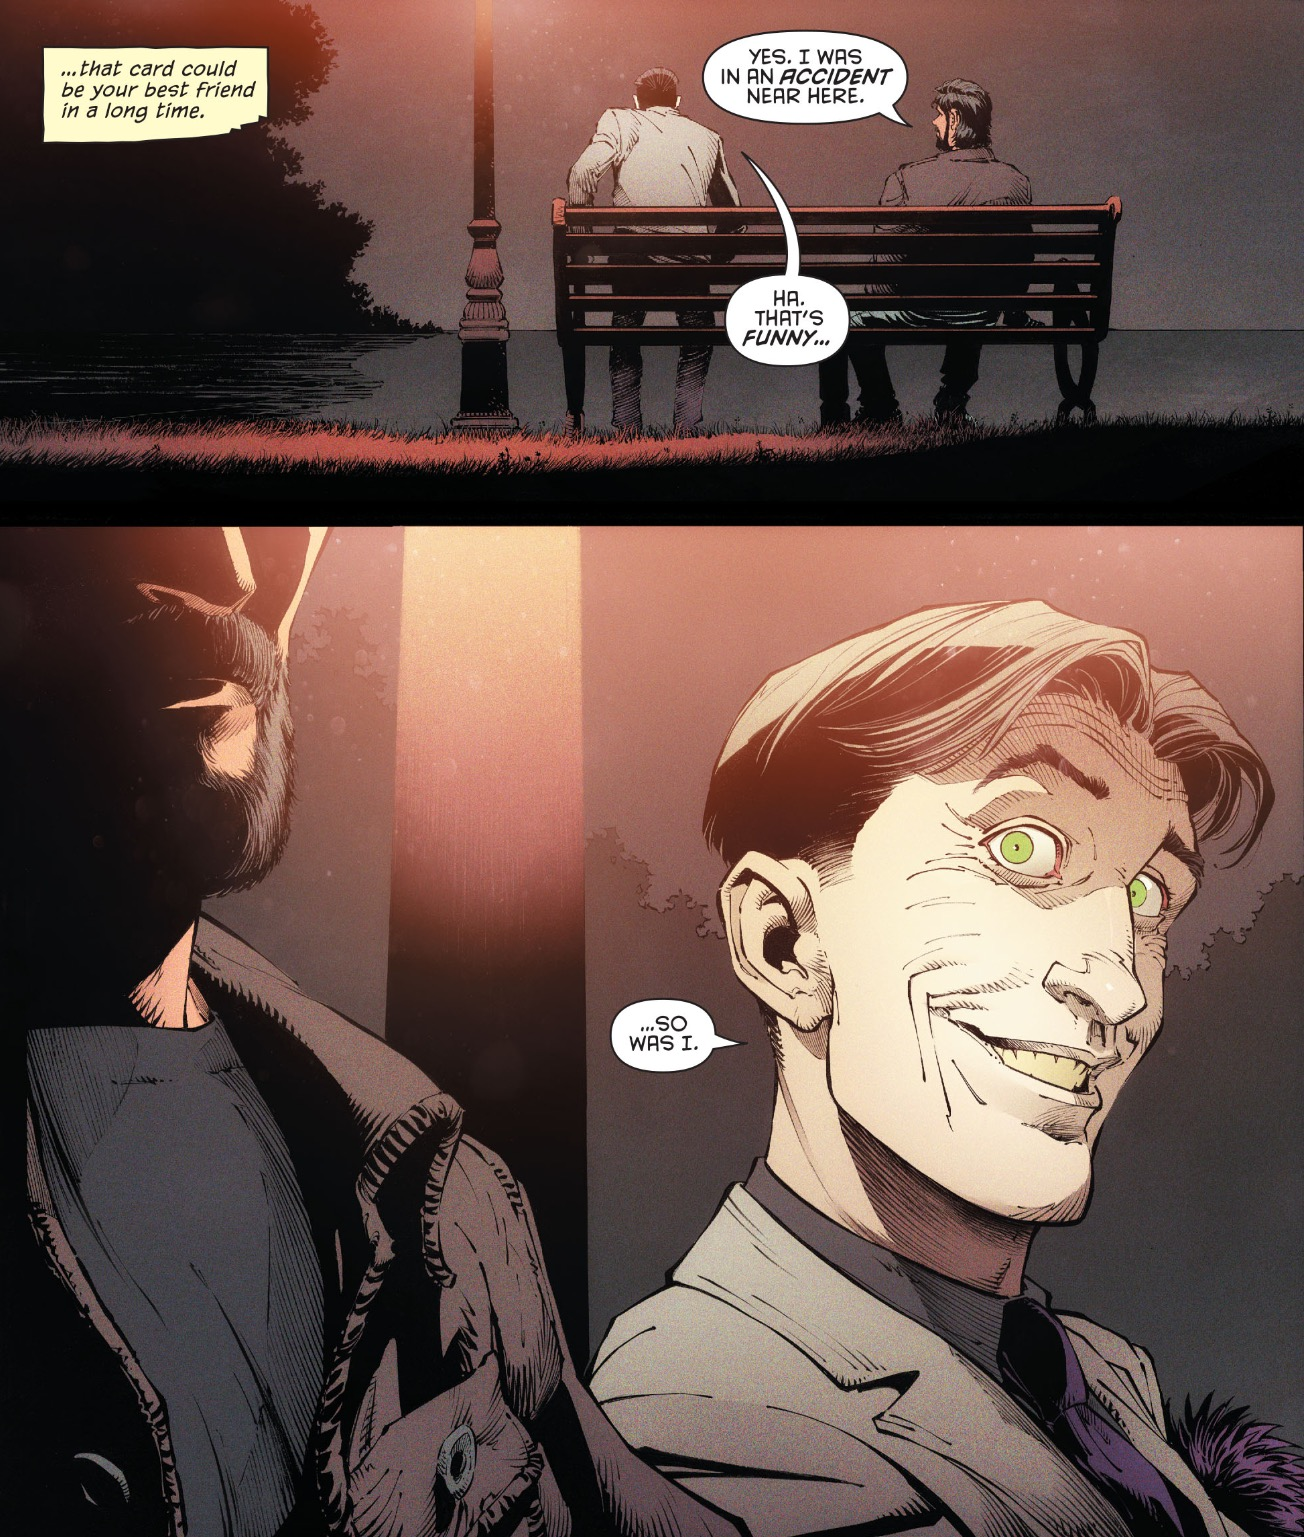 배트맨 V2 #48 브루스와 조커의 만남(스포일러 있음)